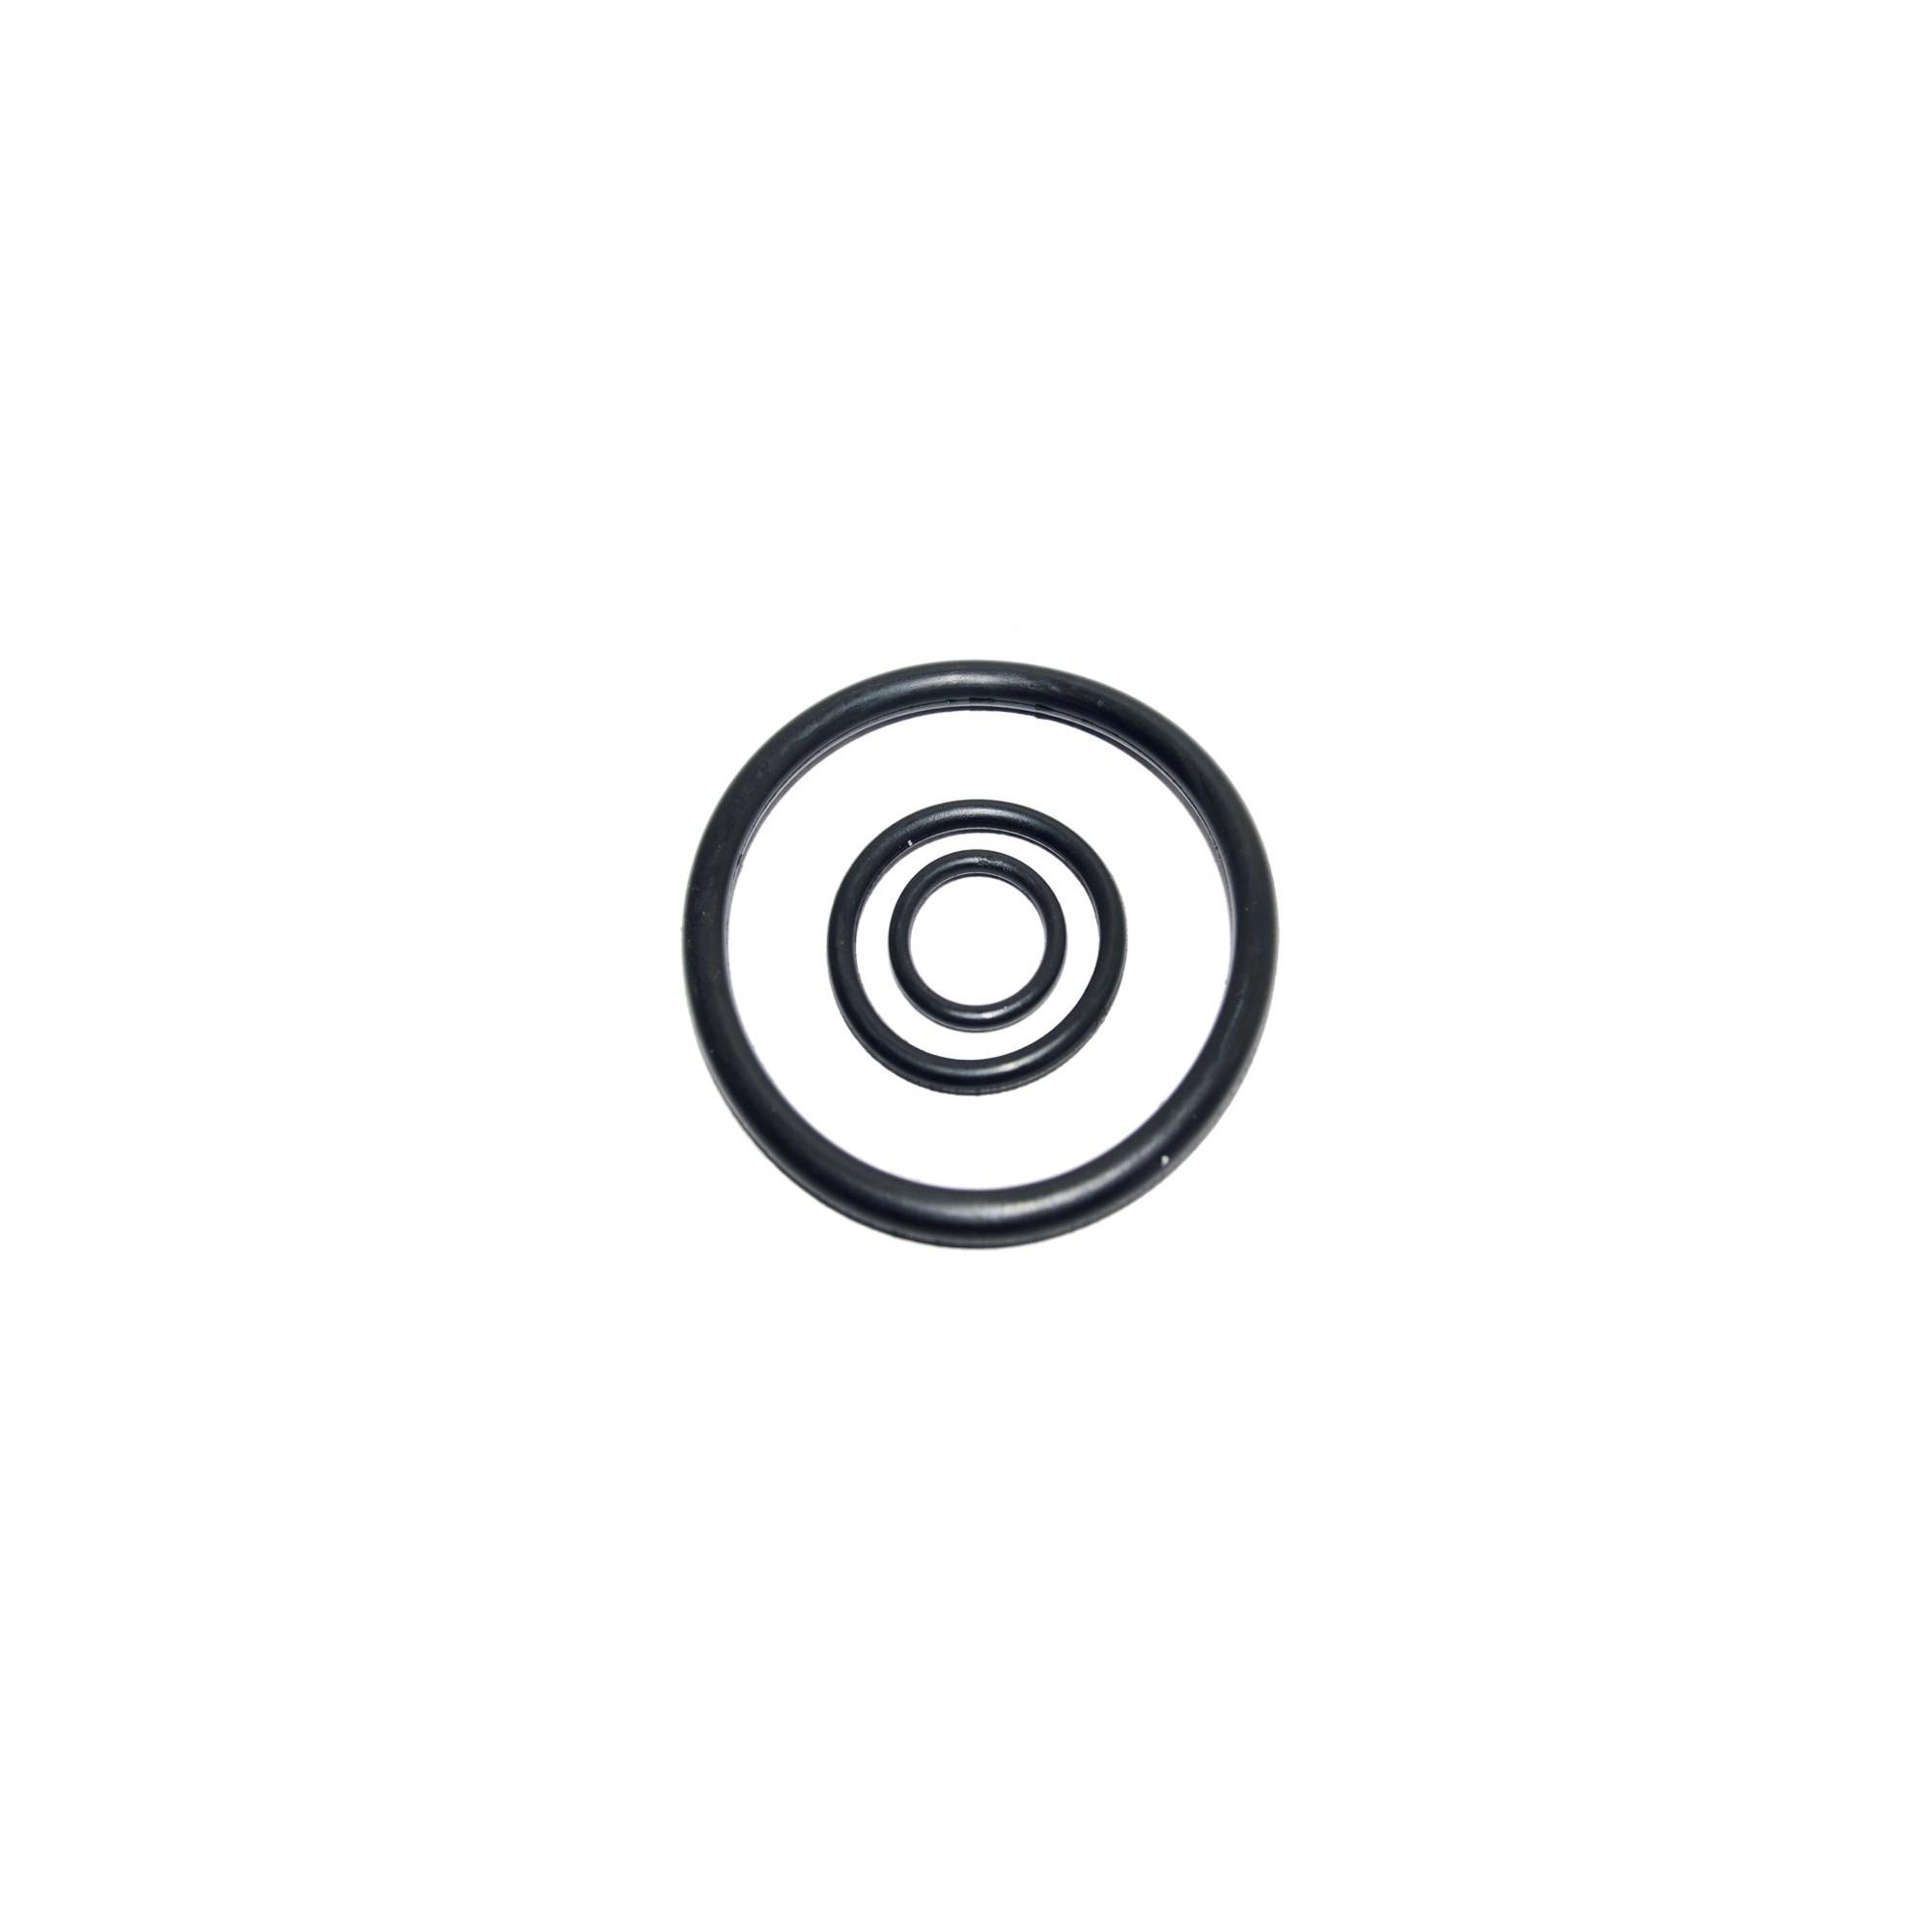 """Упаковка резиновых прокладок 100 шт кольцо на американку 1"""" 33мм*26.6мм*3.2мм J.G. - 1"""